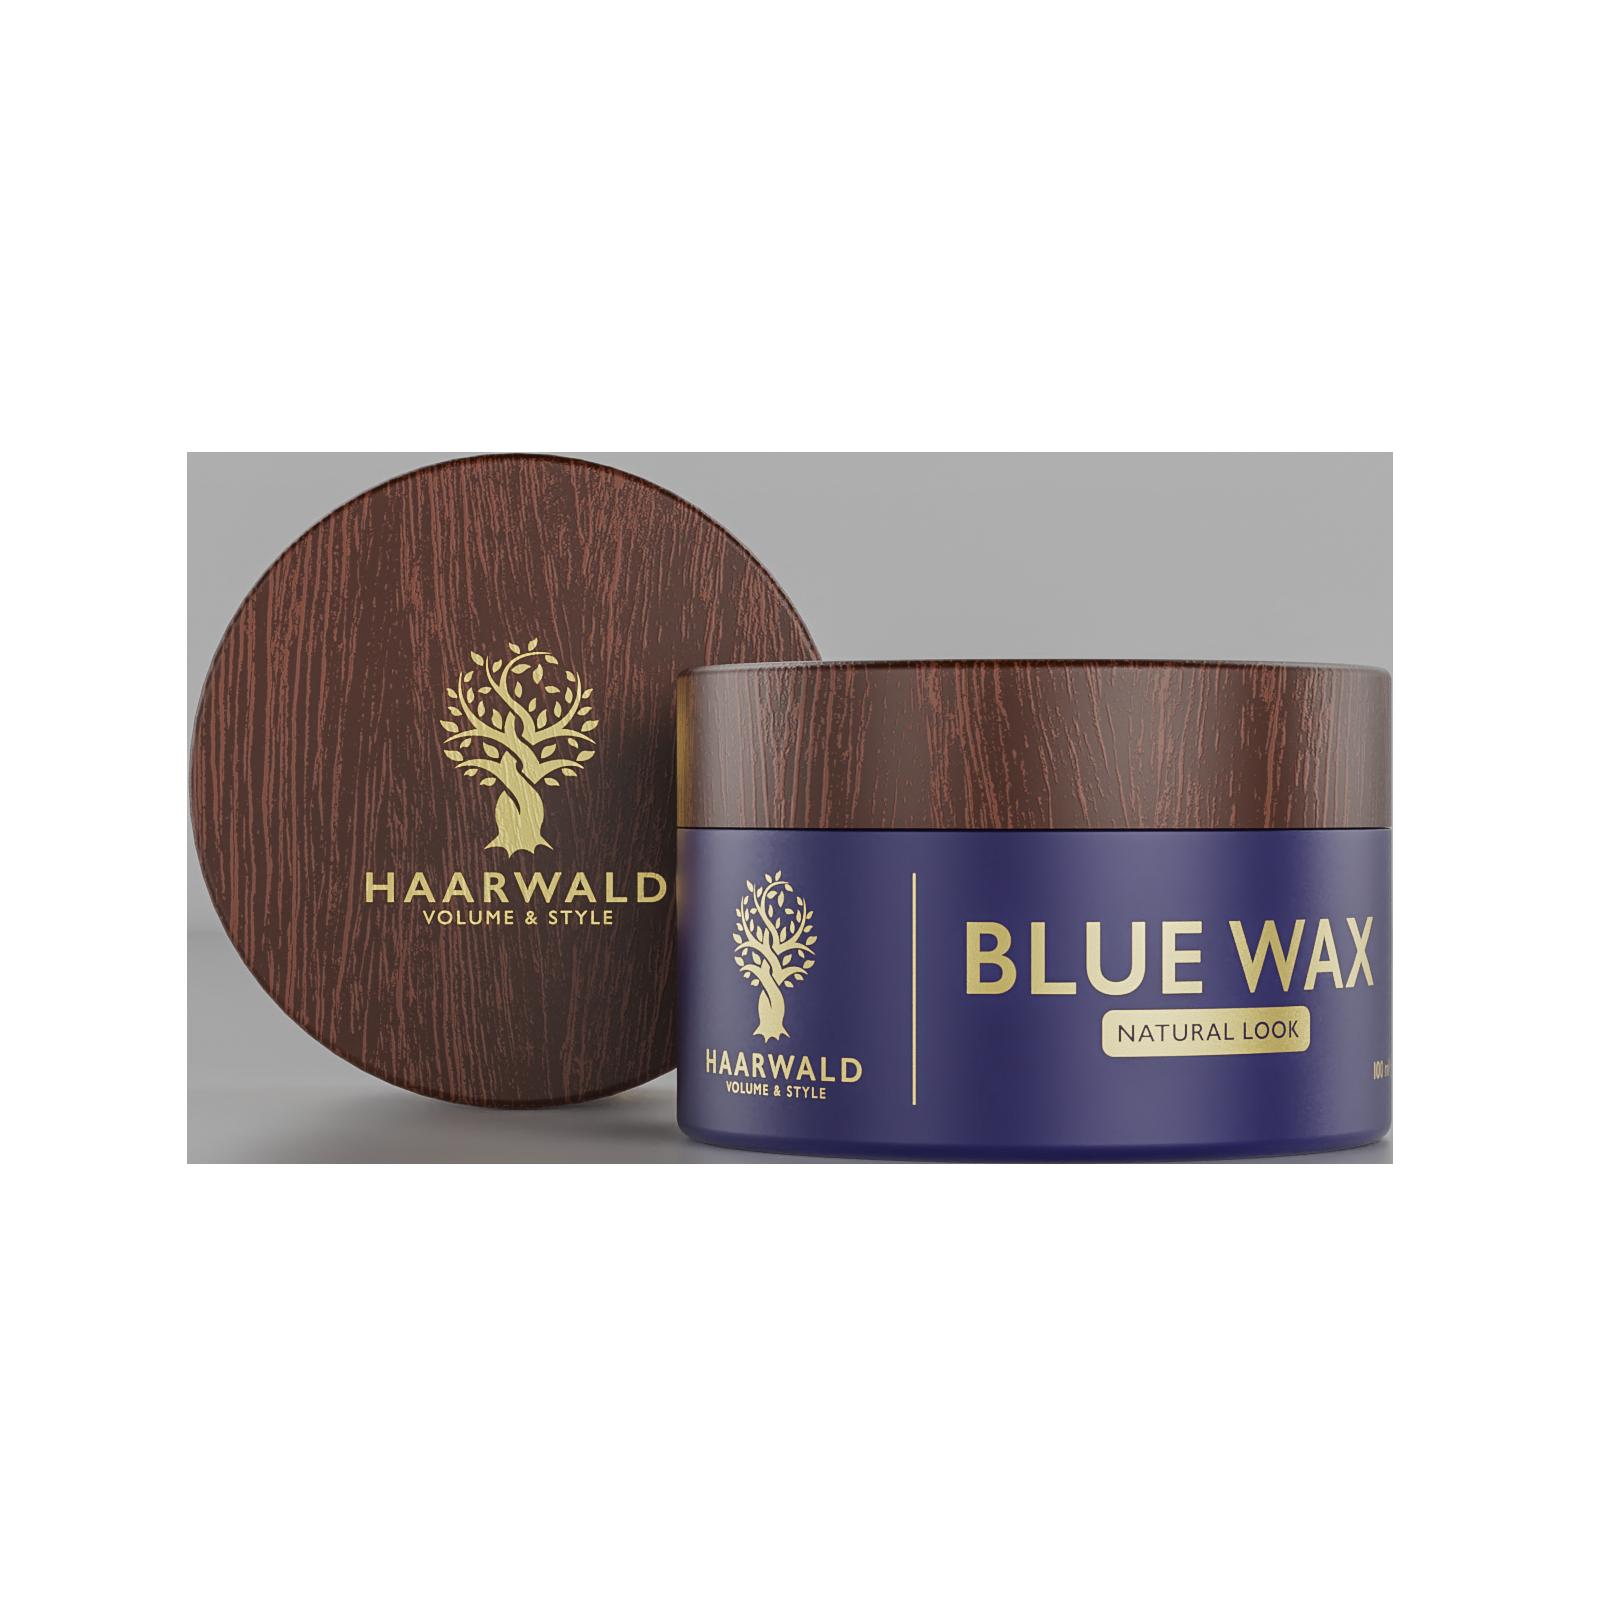 HAARWALD BLUE WAX